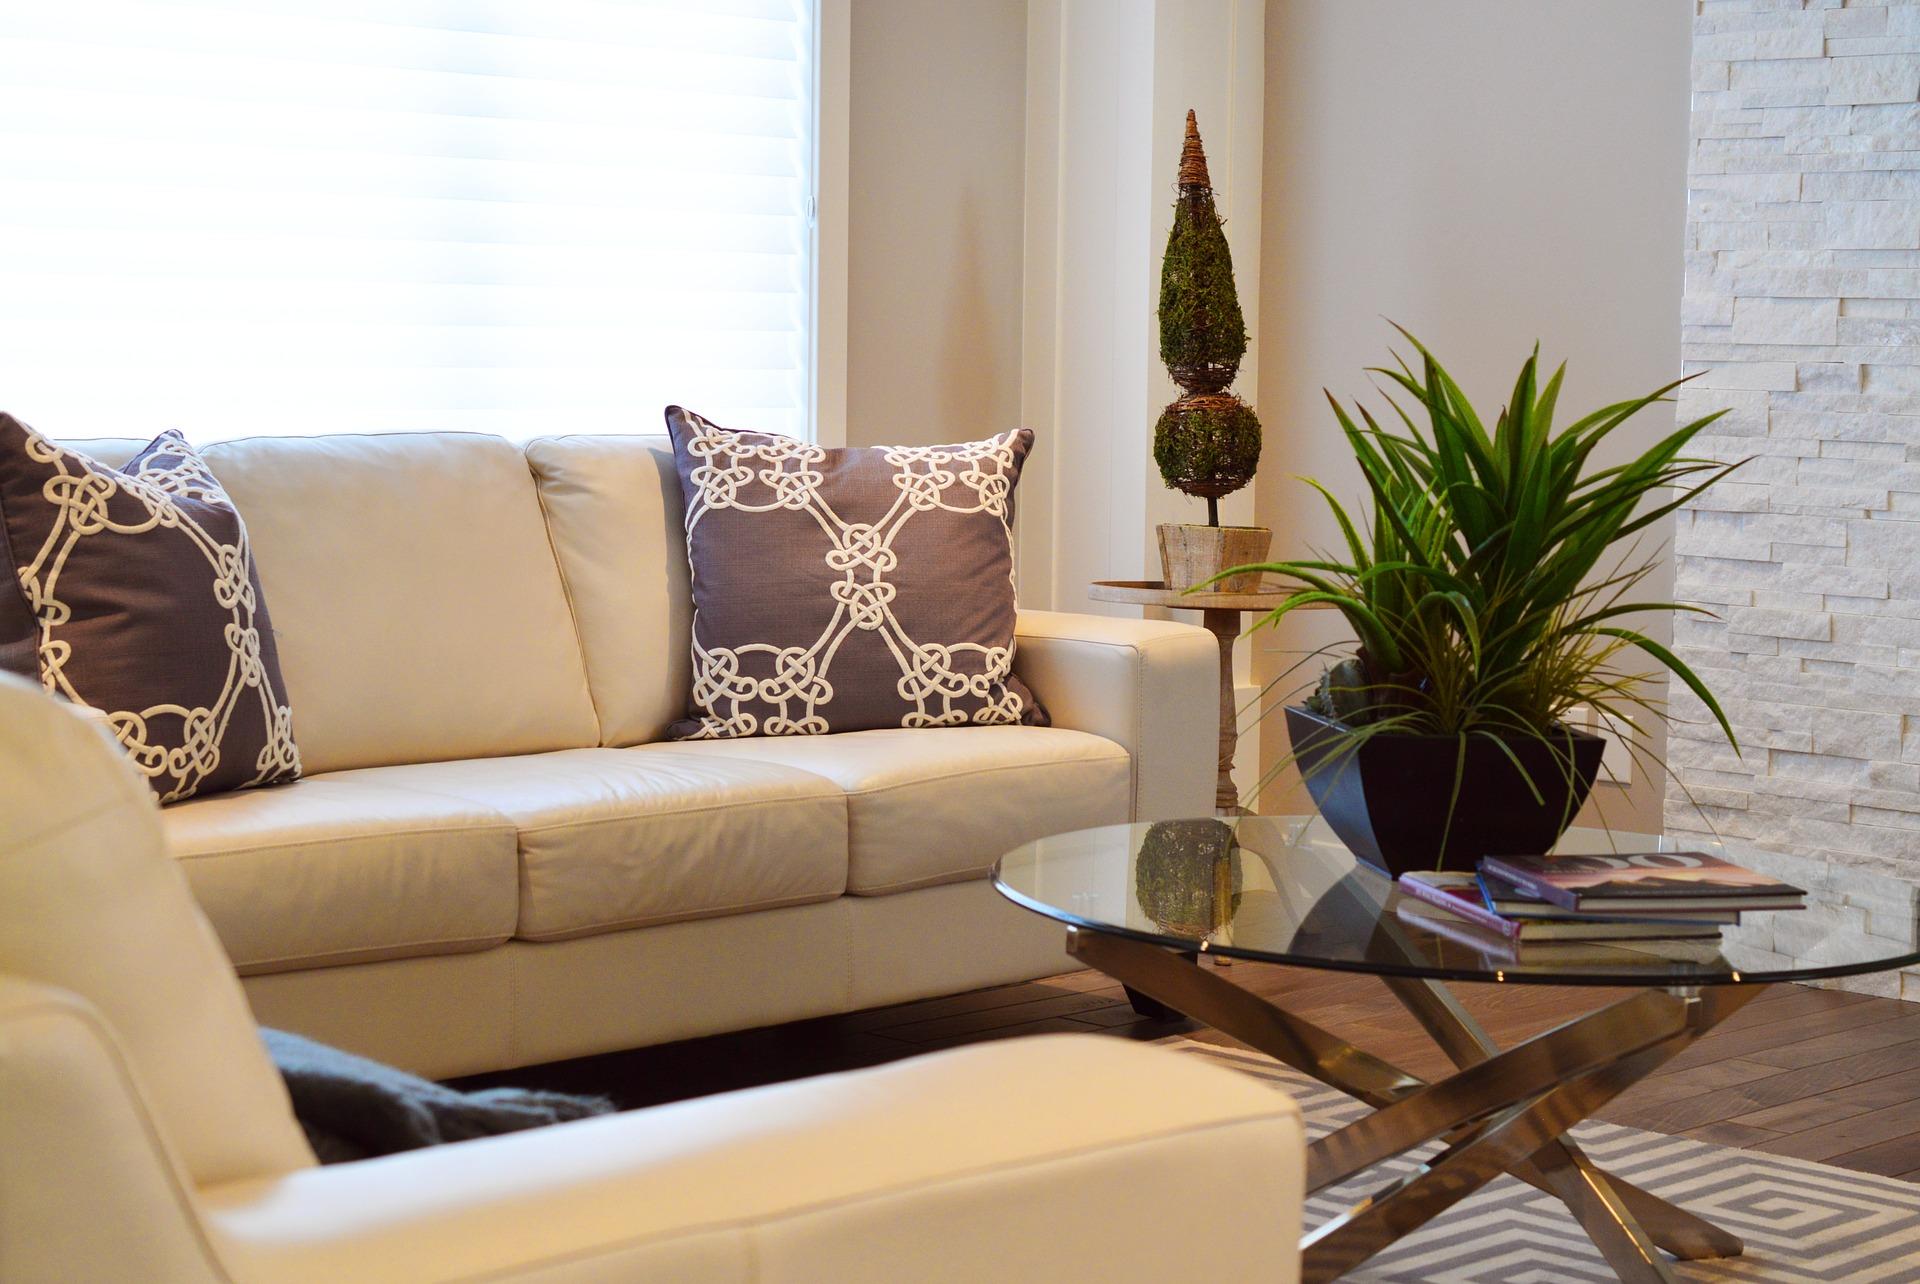 living-room-2174575_1920.jpg